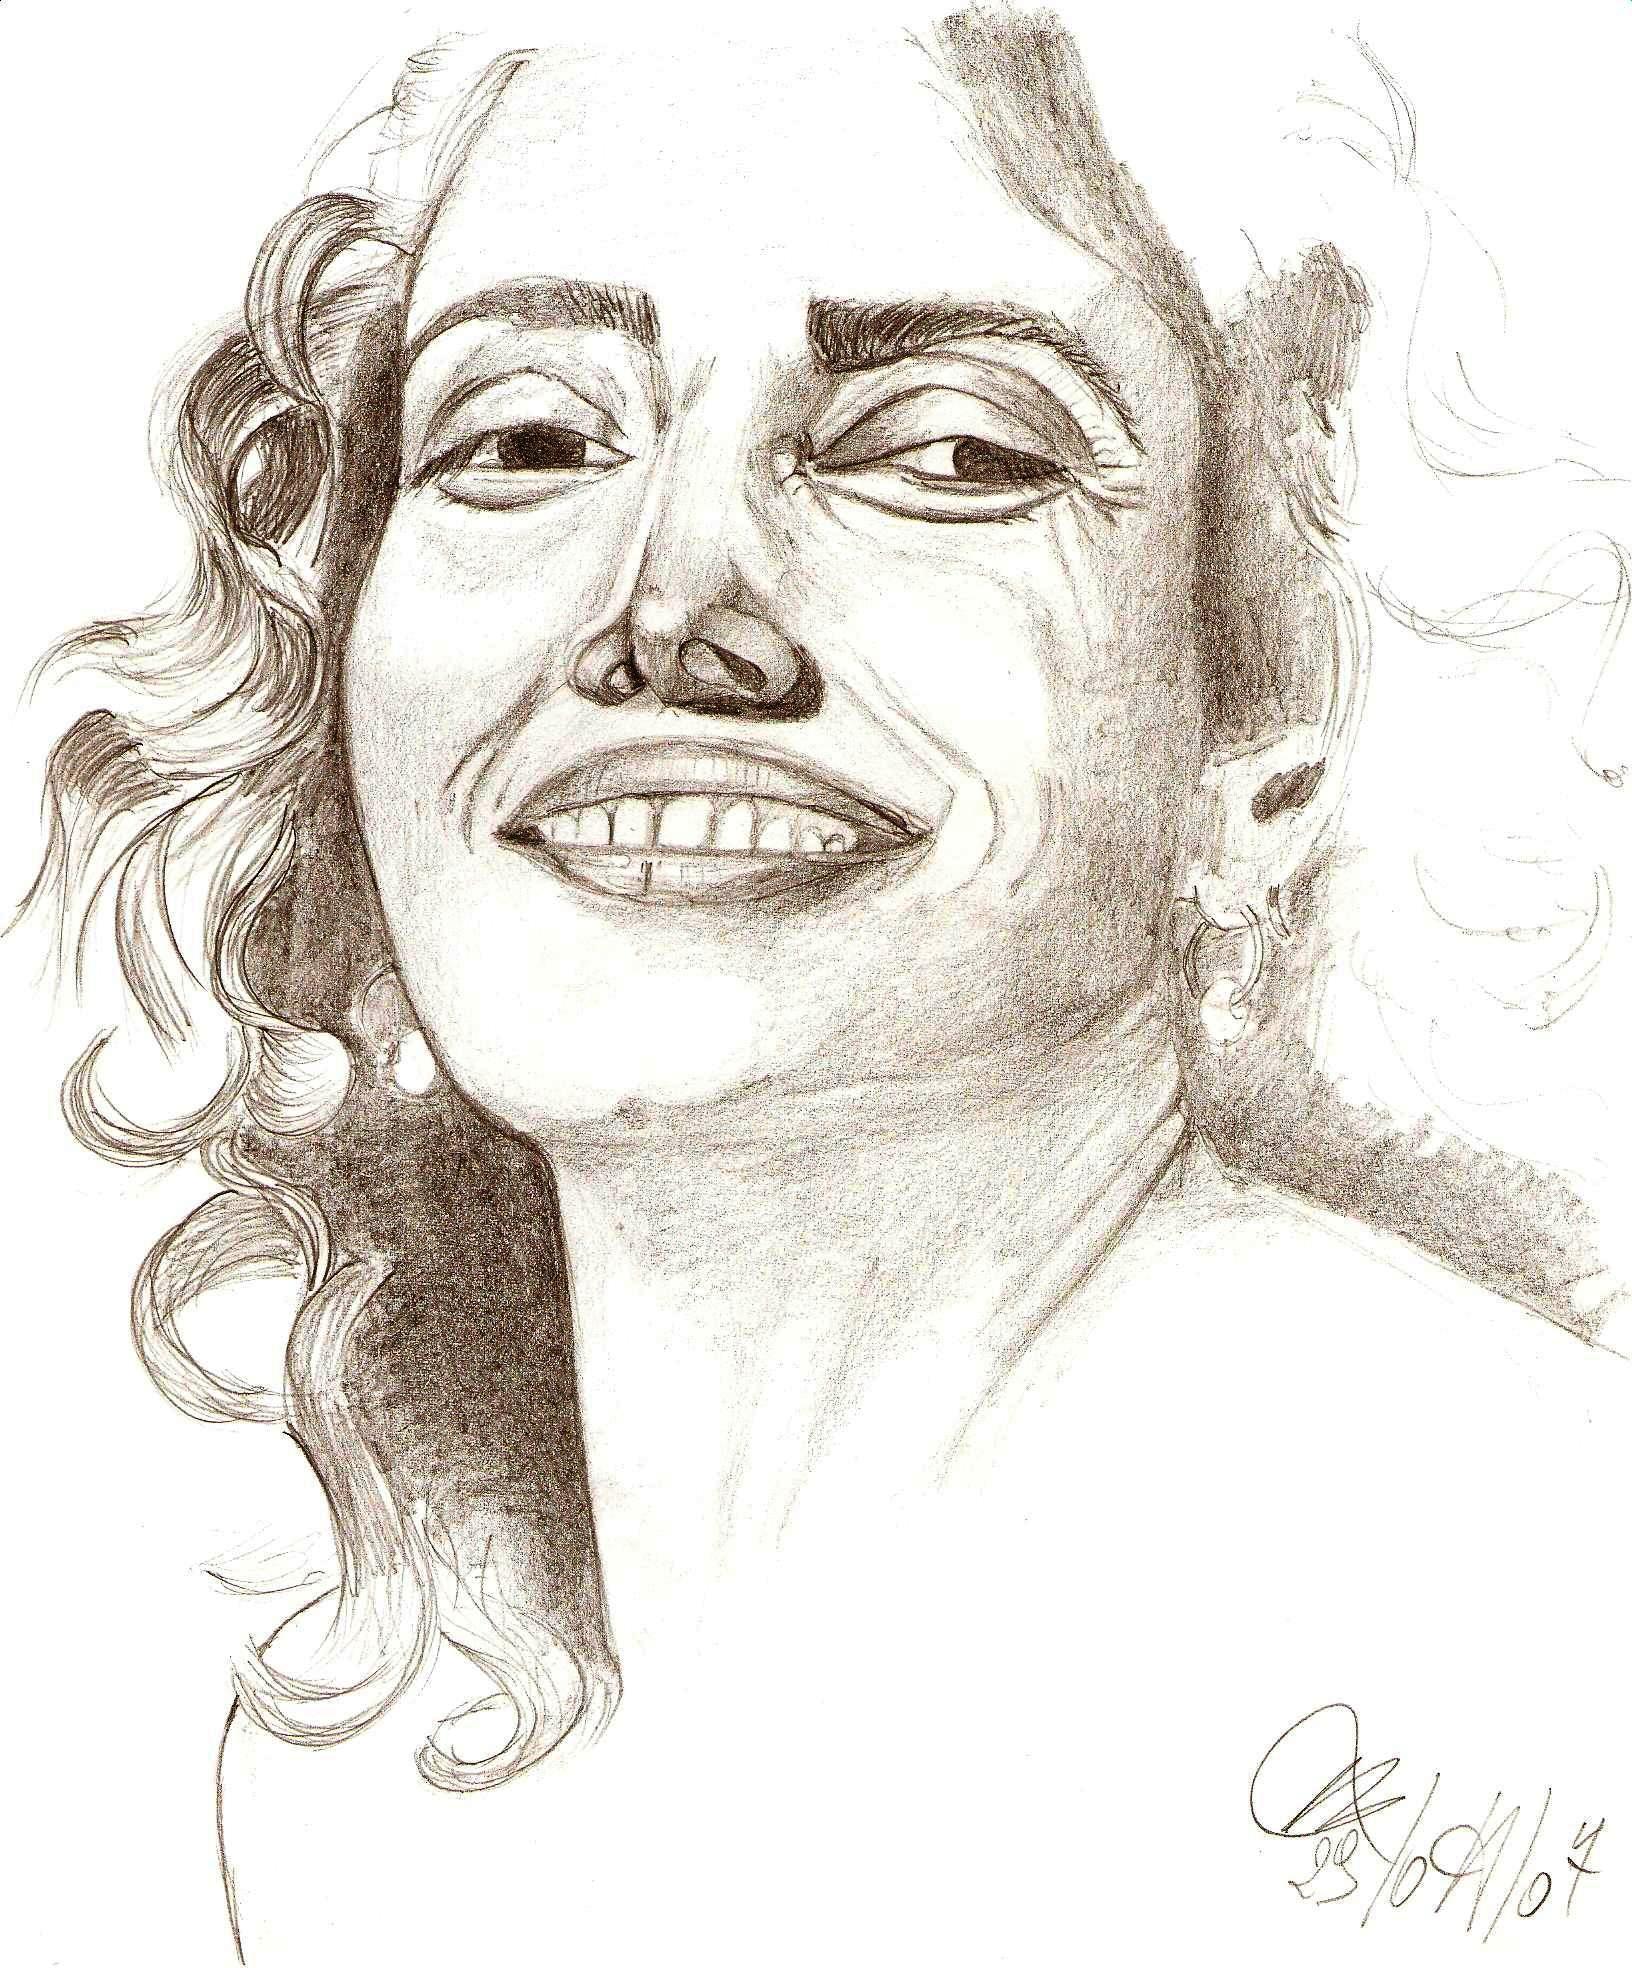 Ritratto, 2007 matita su foglio A4-Pasquale Mastrogiacomo, Acerno(SA).